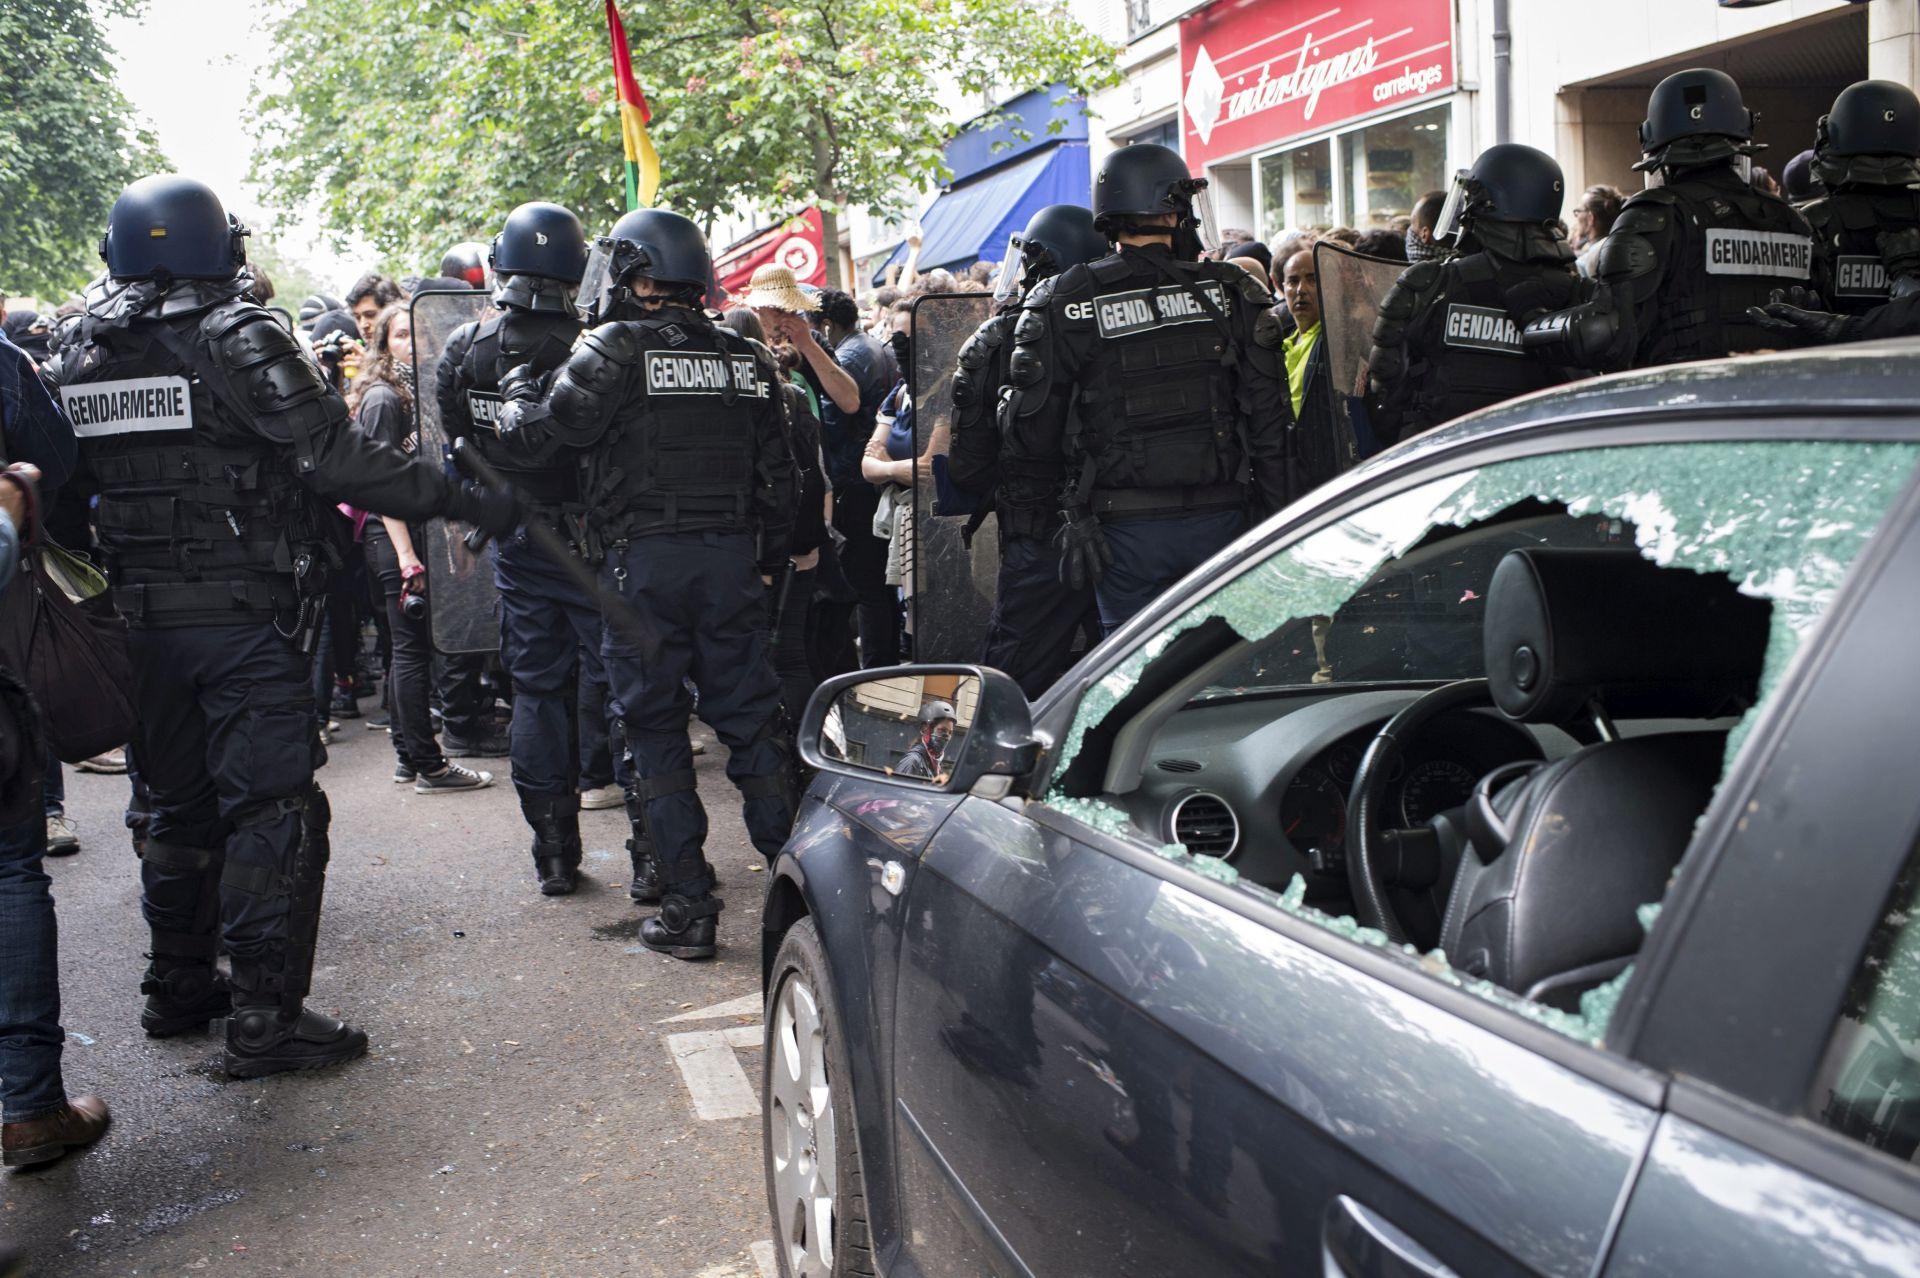 PROTIV ZAKONA O RADU: Sukobi policije i prosvjednika u Parizu